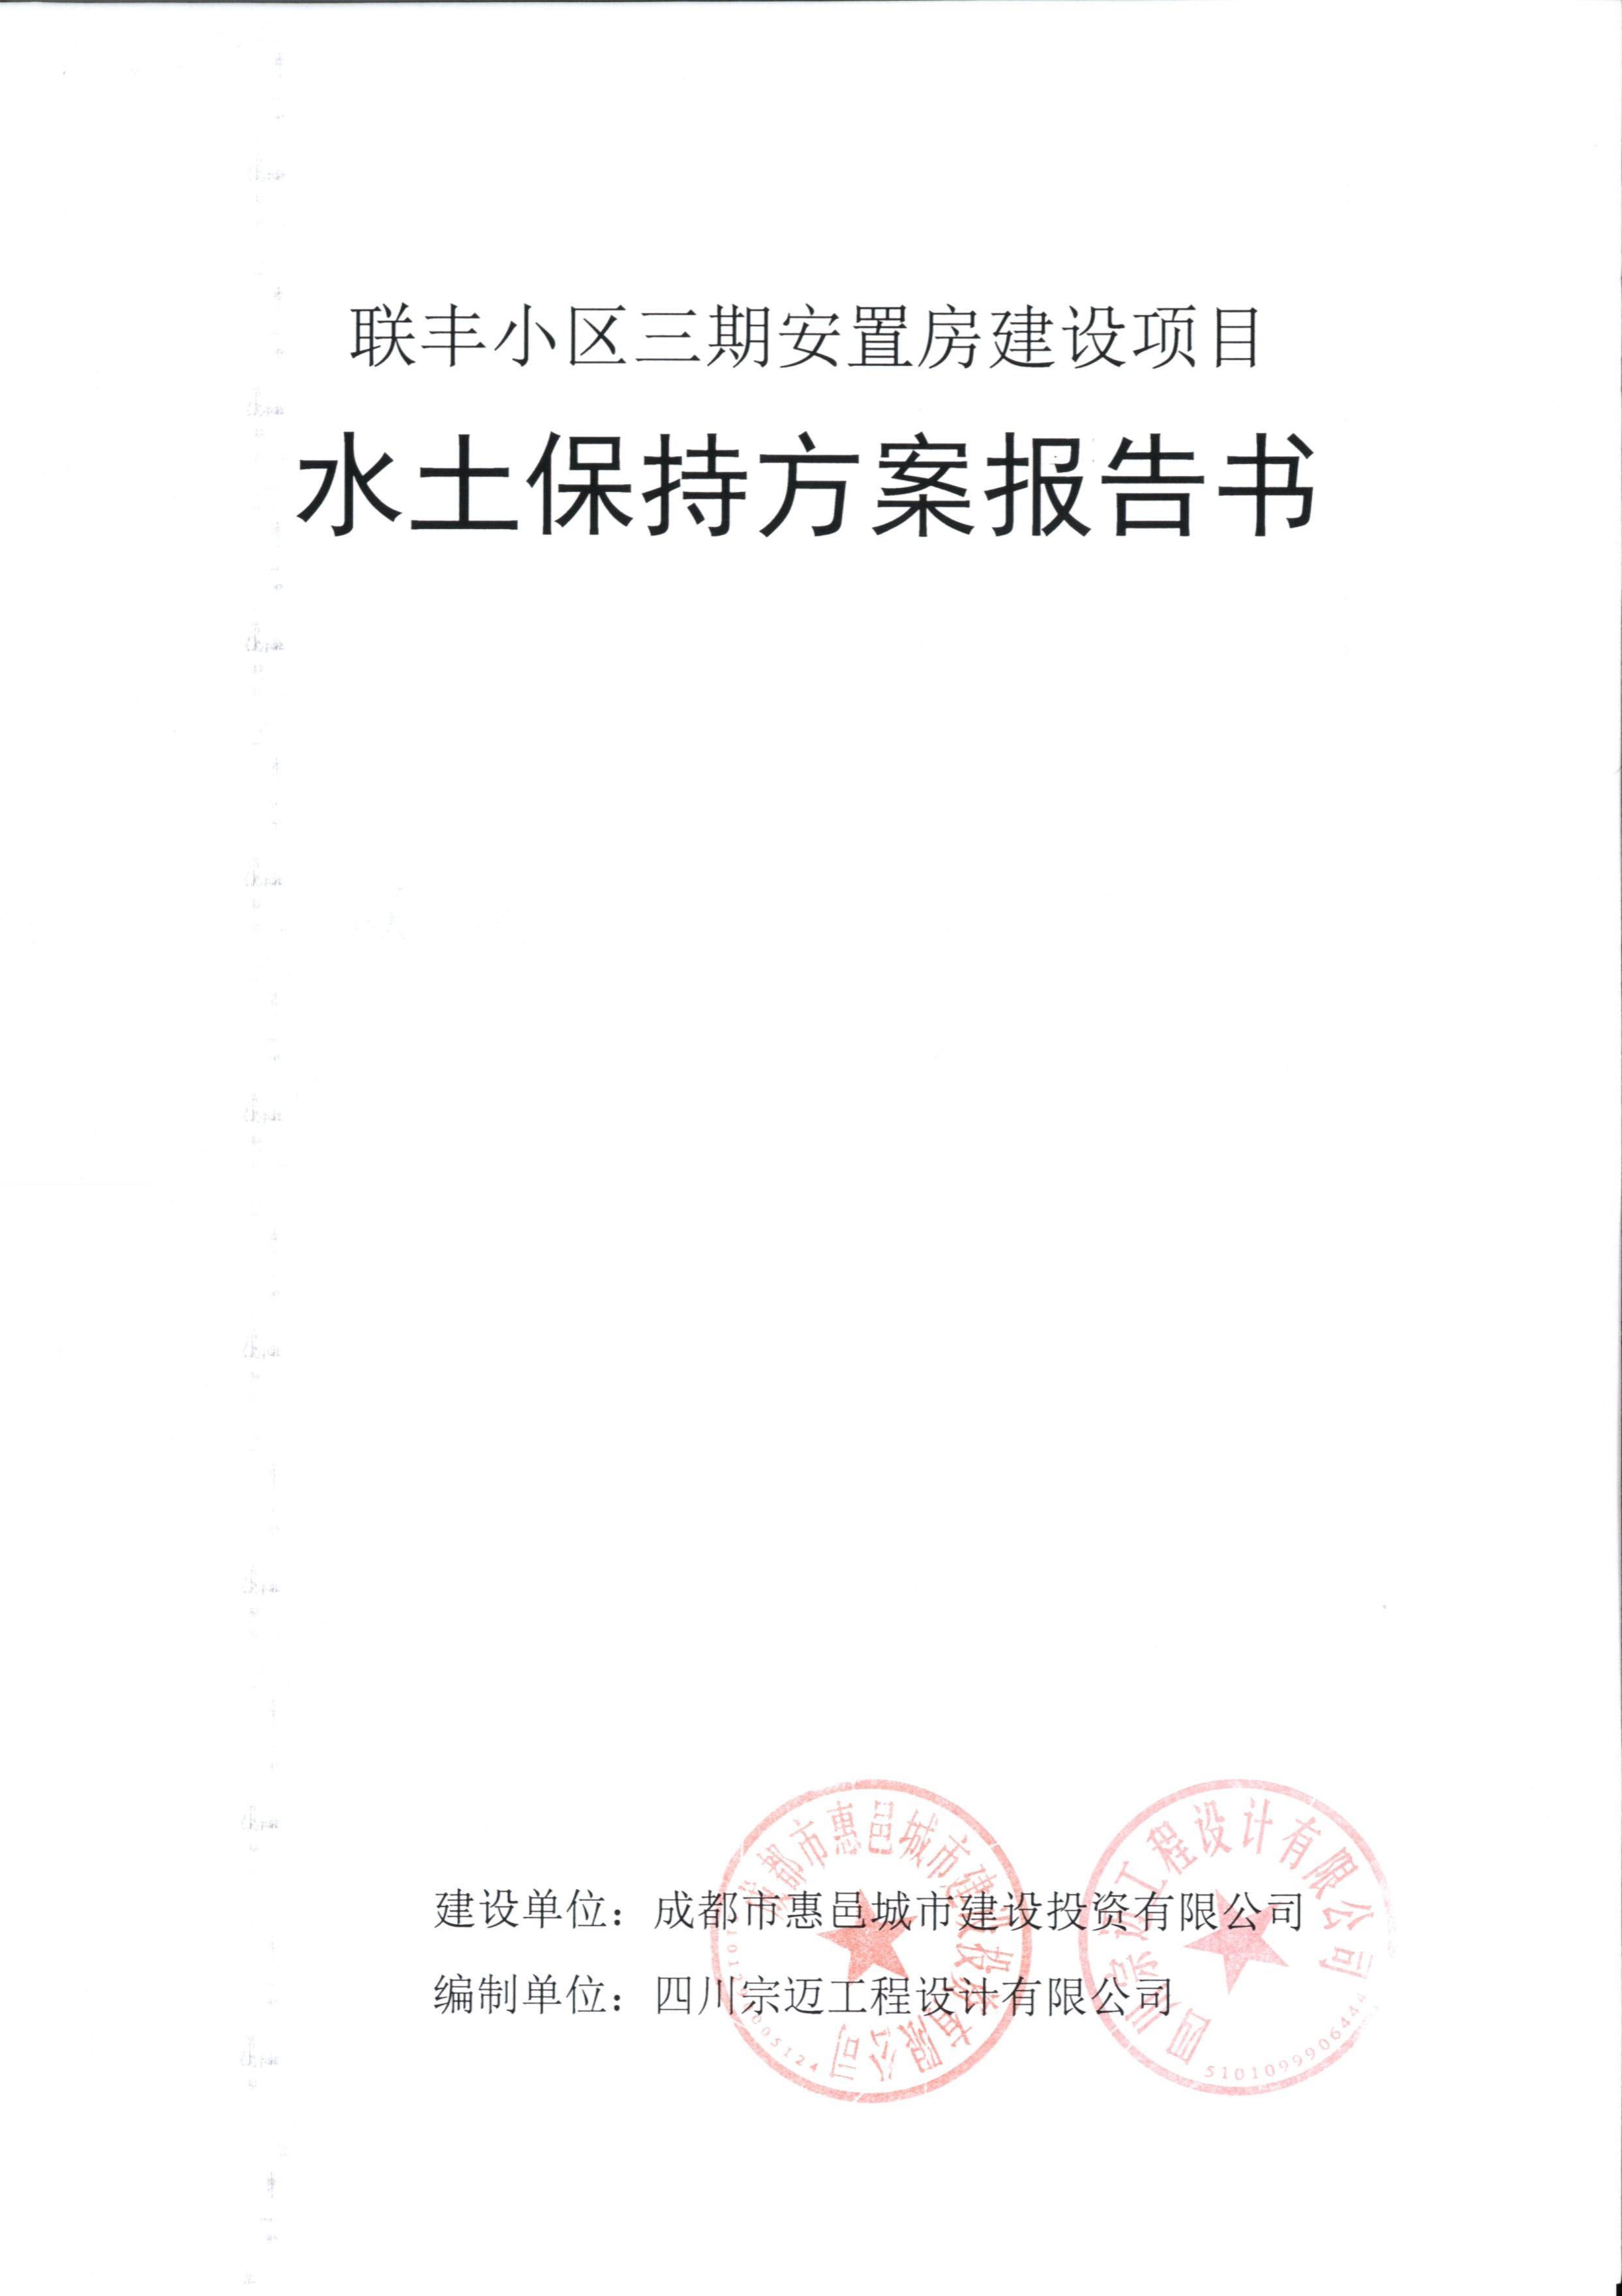 联丰扉页(扫描件).jpg